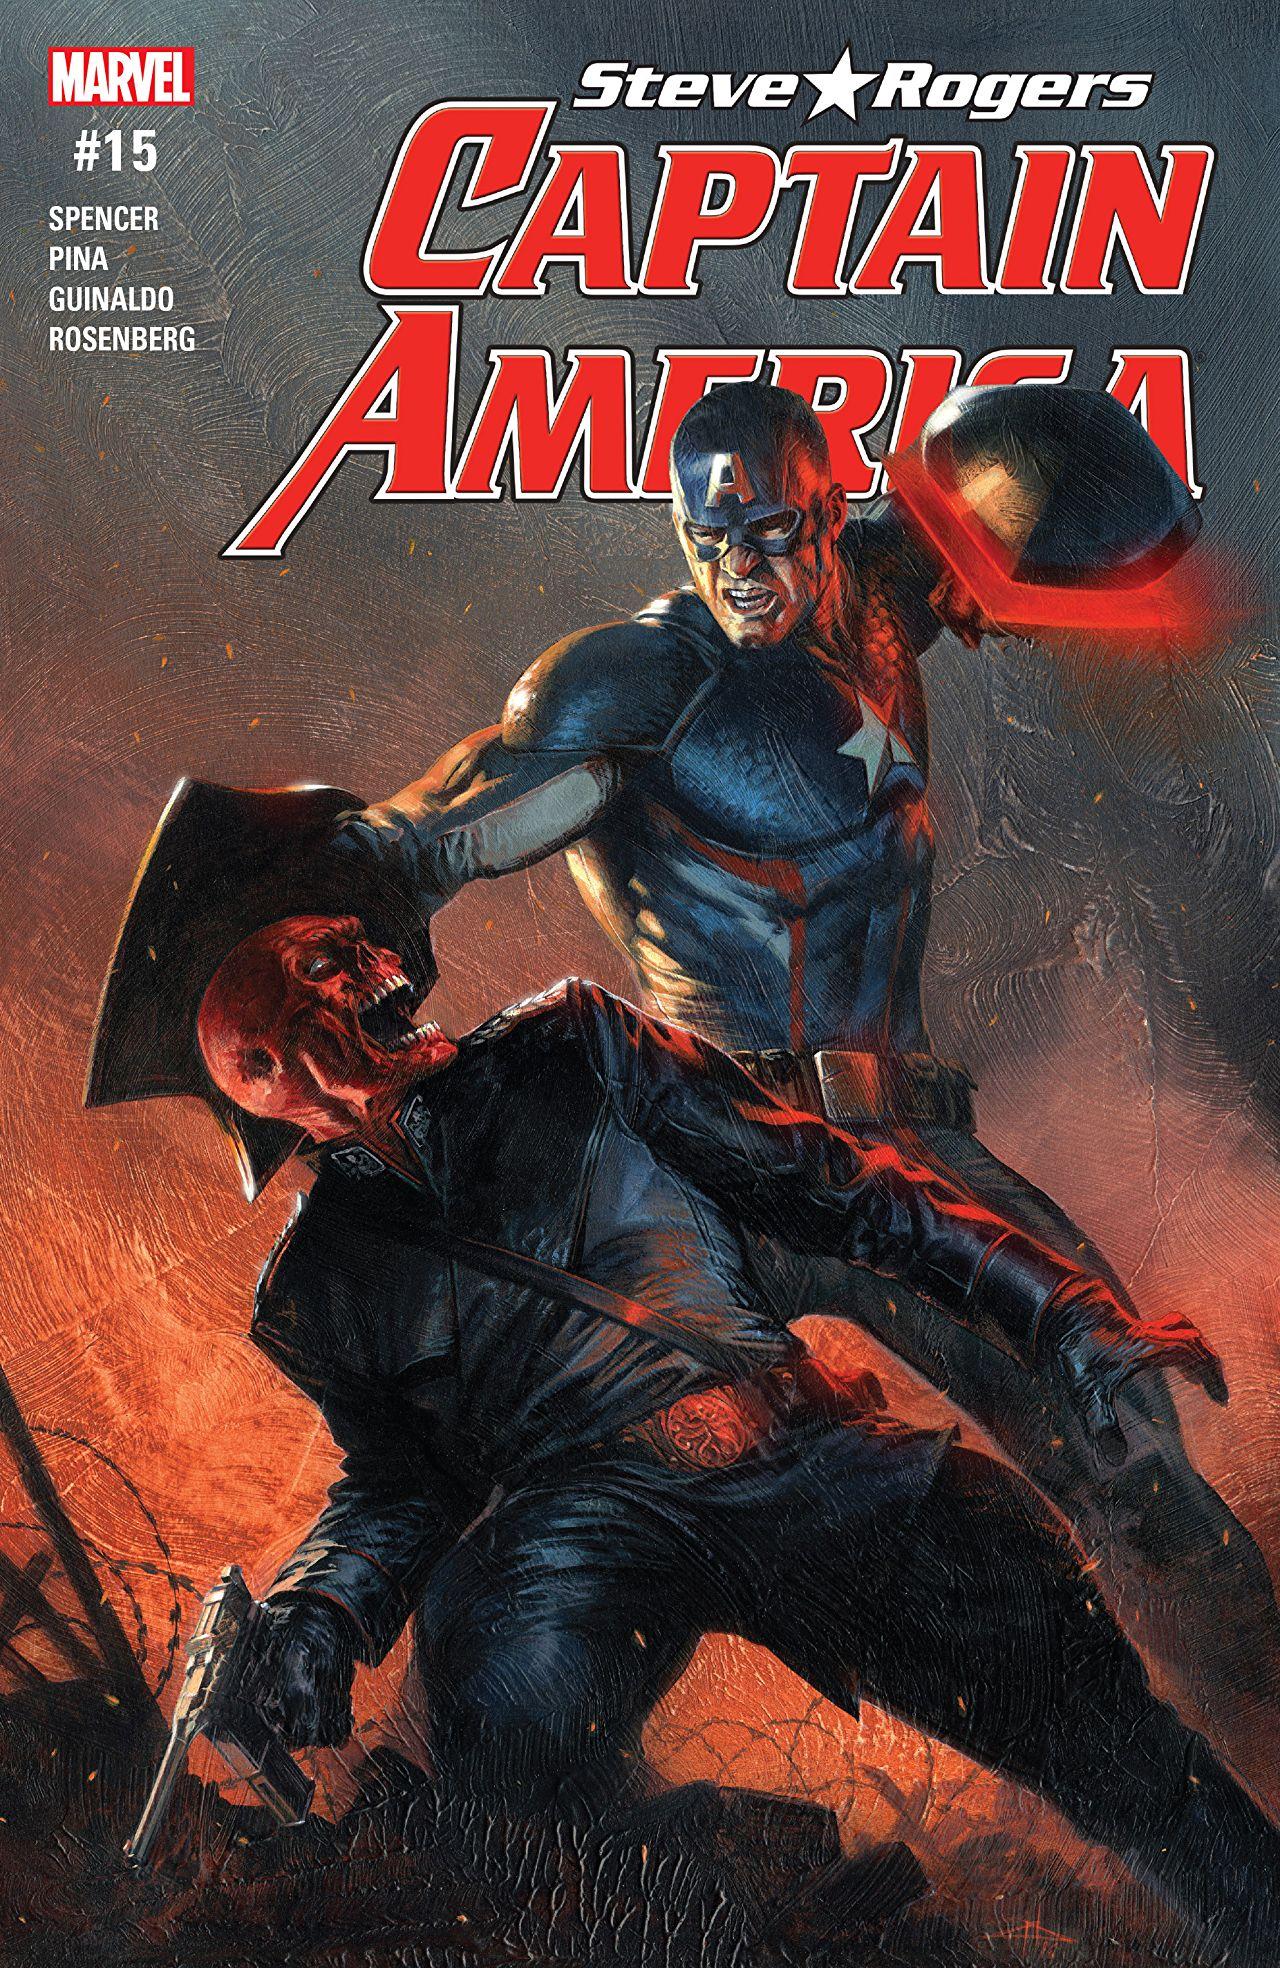 Captain America: Steve Rogers #15 Cover